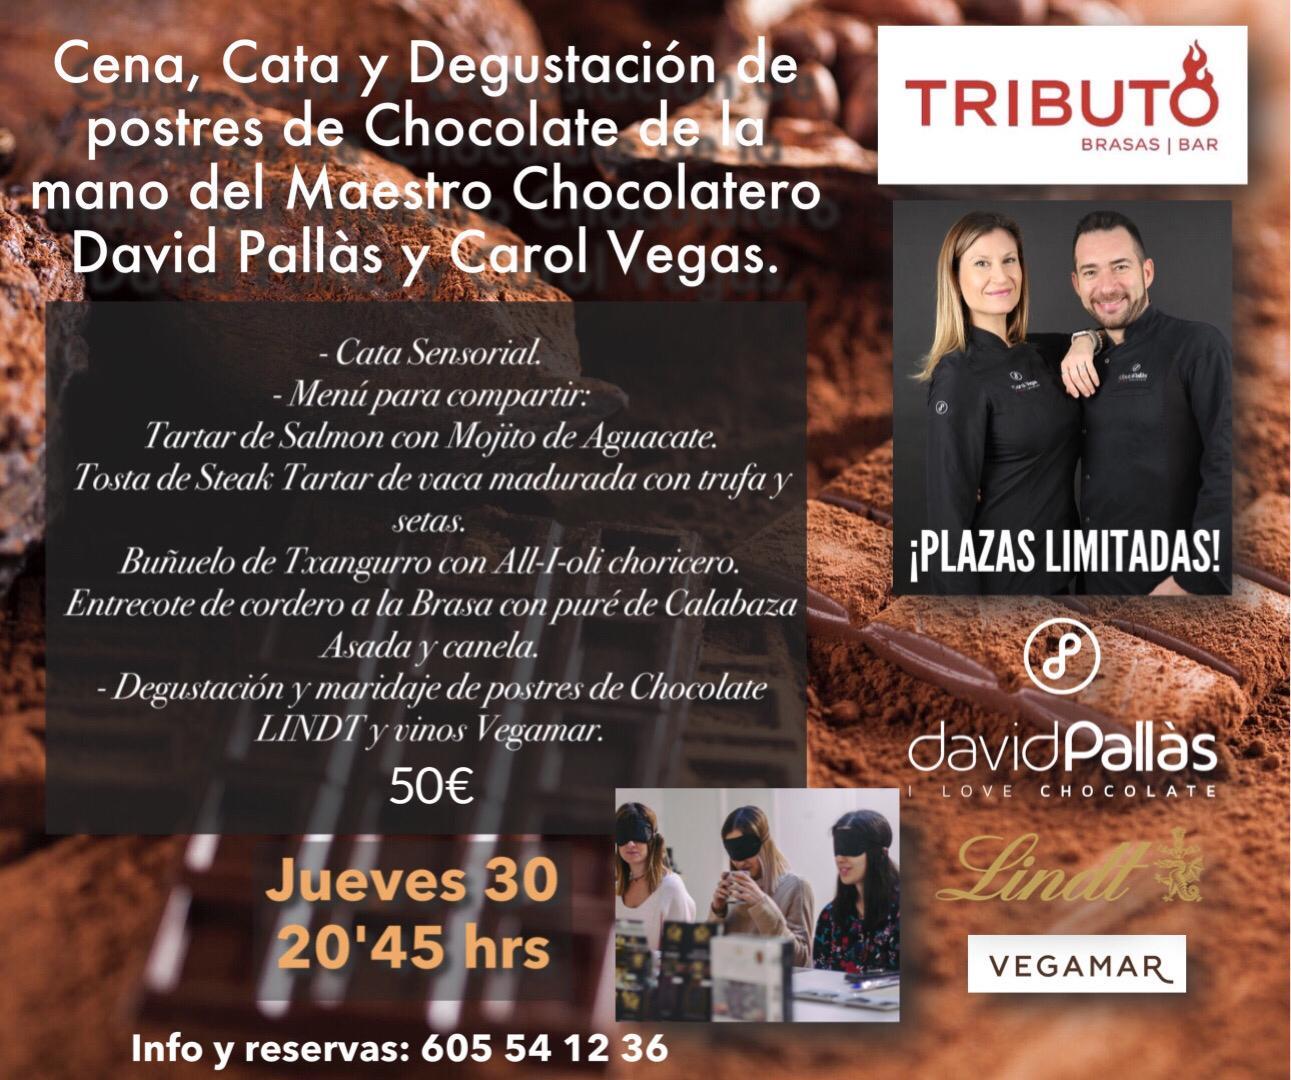 Cena, cata y degustación de postres de chocolate de la mano del maestro chocolatero David Pallás y Carol Vegas